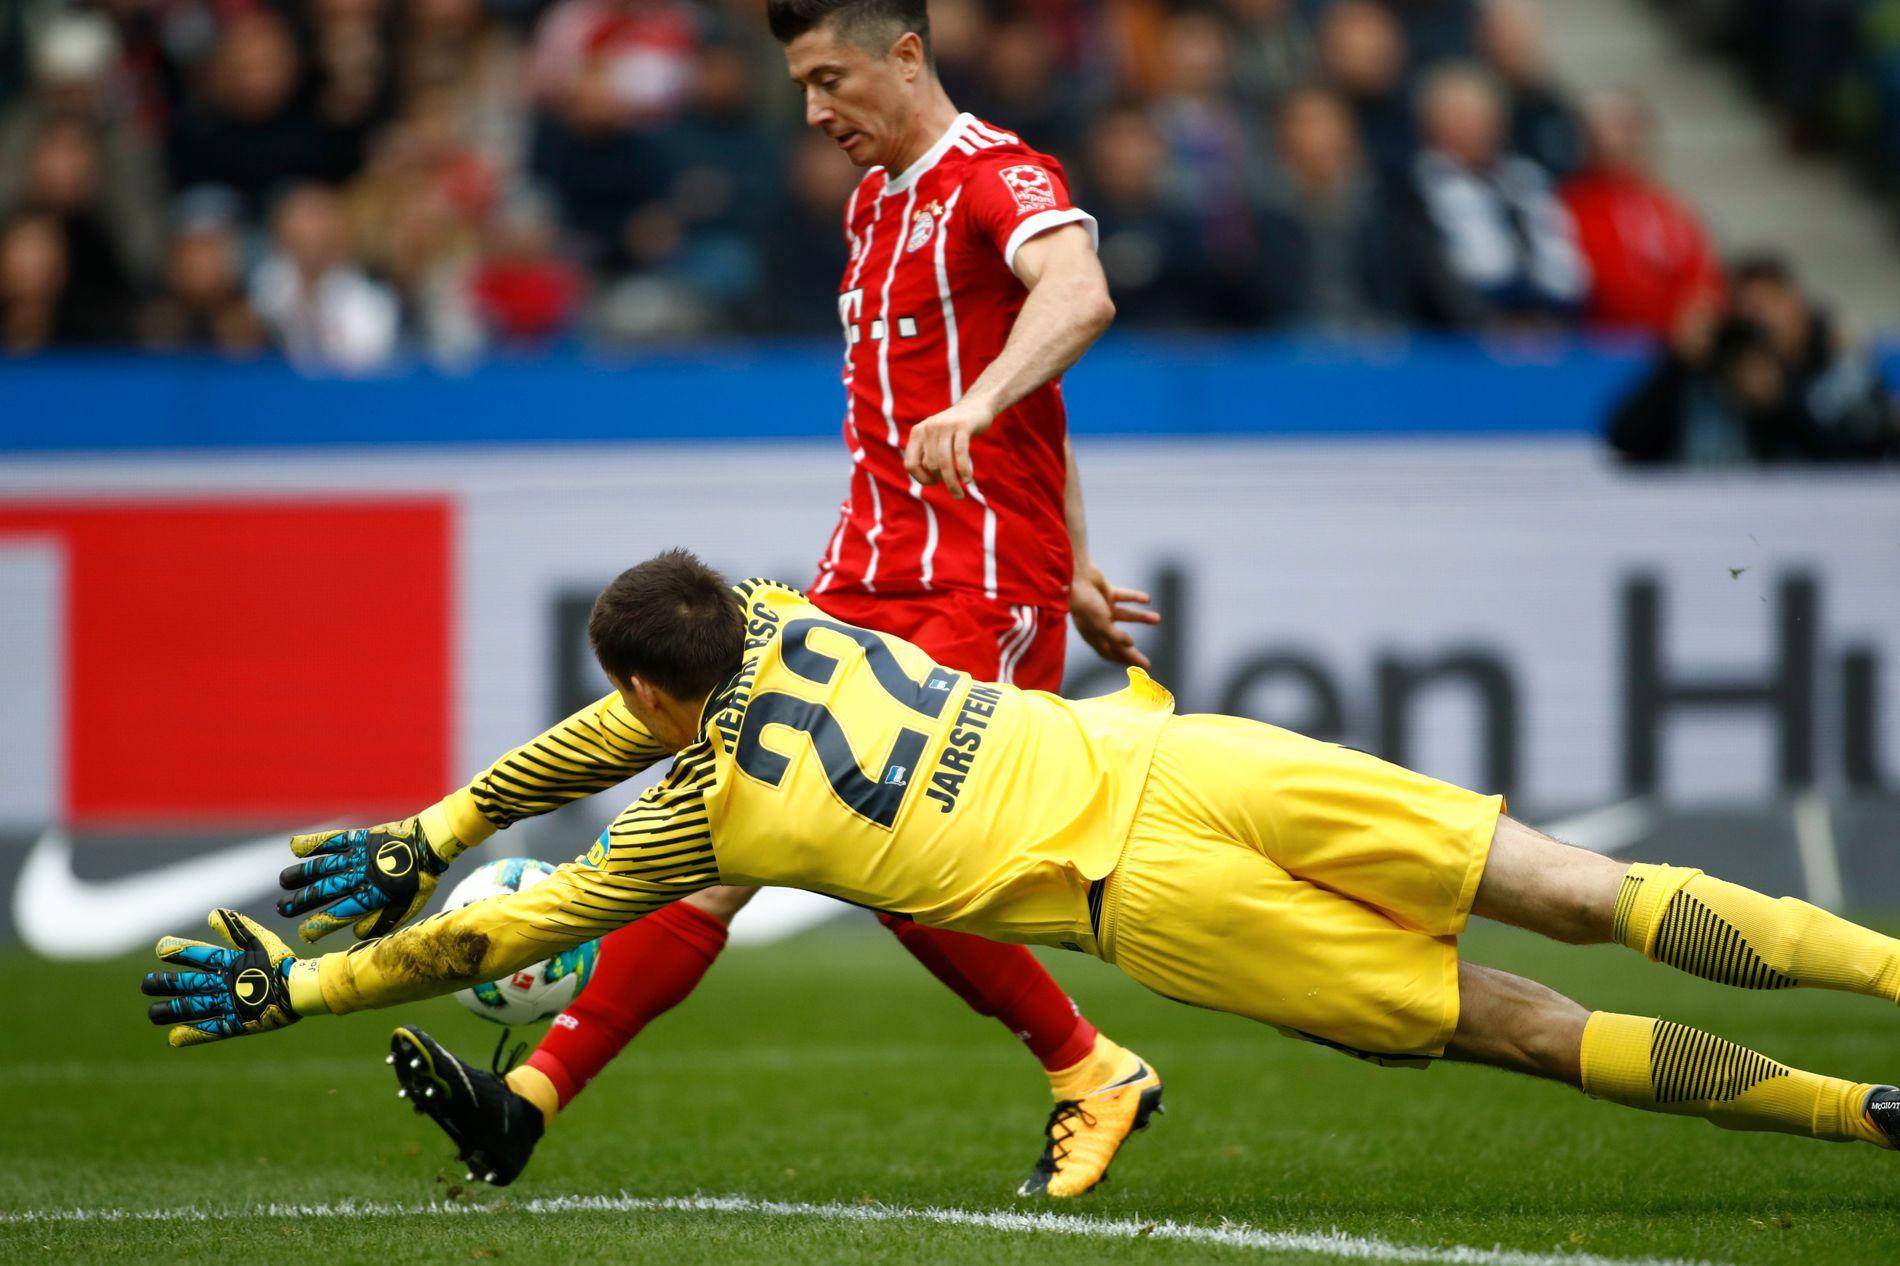 SNART PÅ SAMME LAG?: Robert Lewandowski klarer ikke å score på Rune Jarstein her under en ligakamp mellom Hertha Berlin og Bayern München i høst. Men nå spekuleres det om de kan bli lagkamerater.